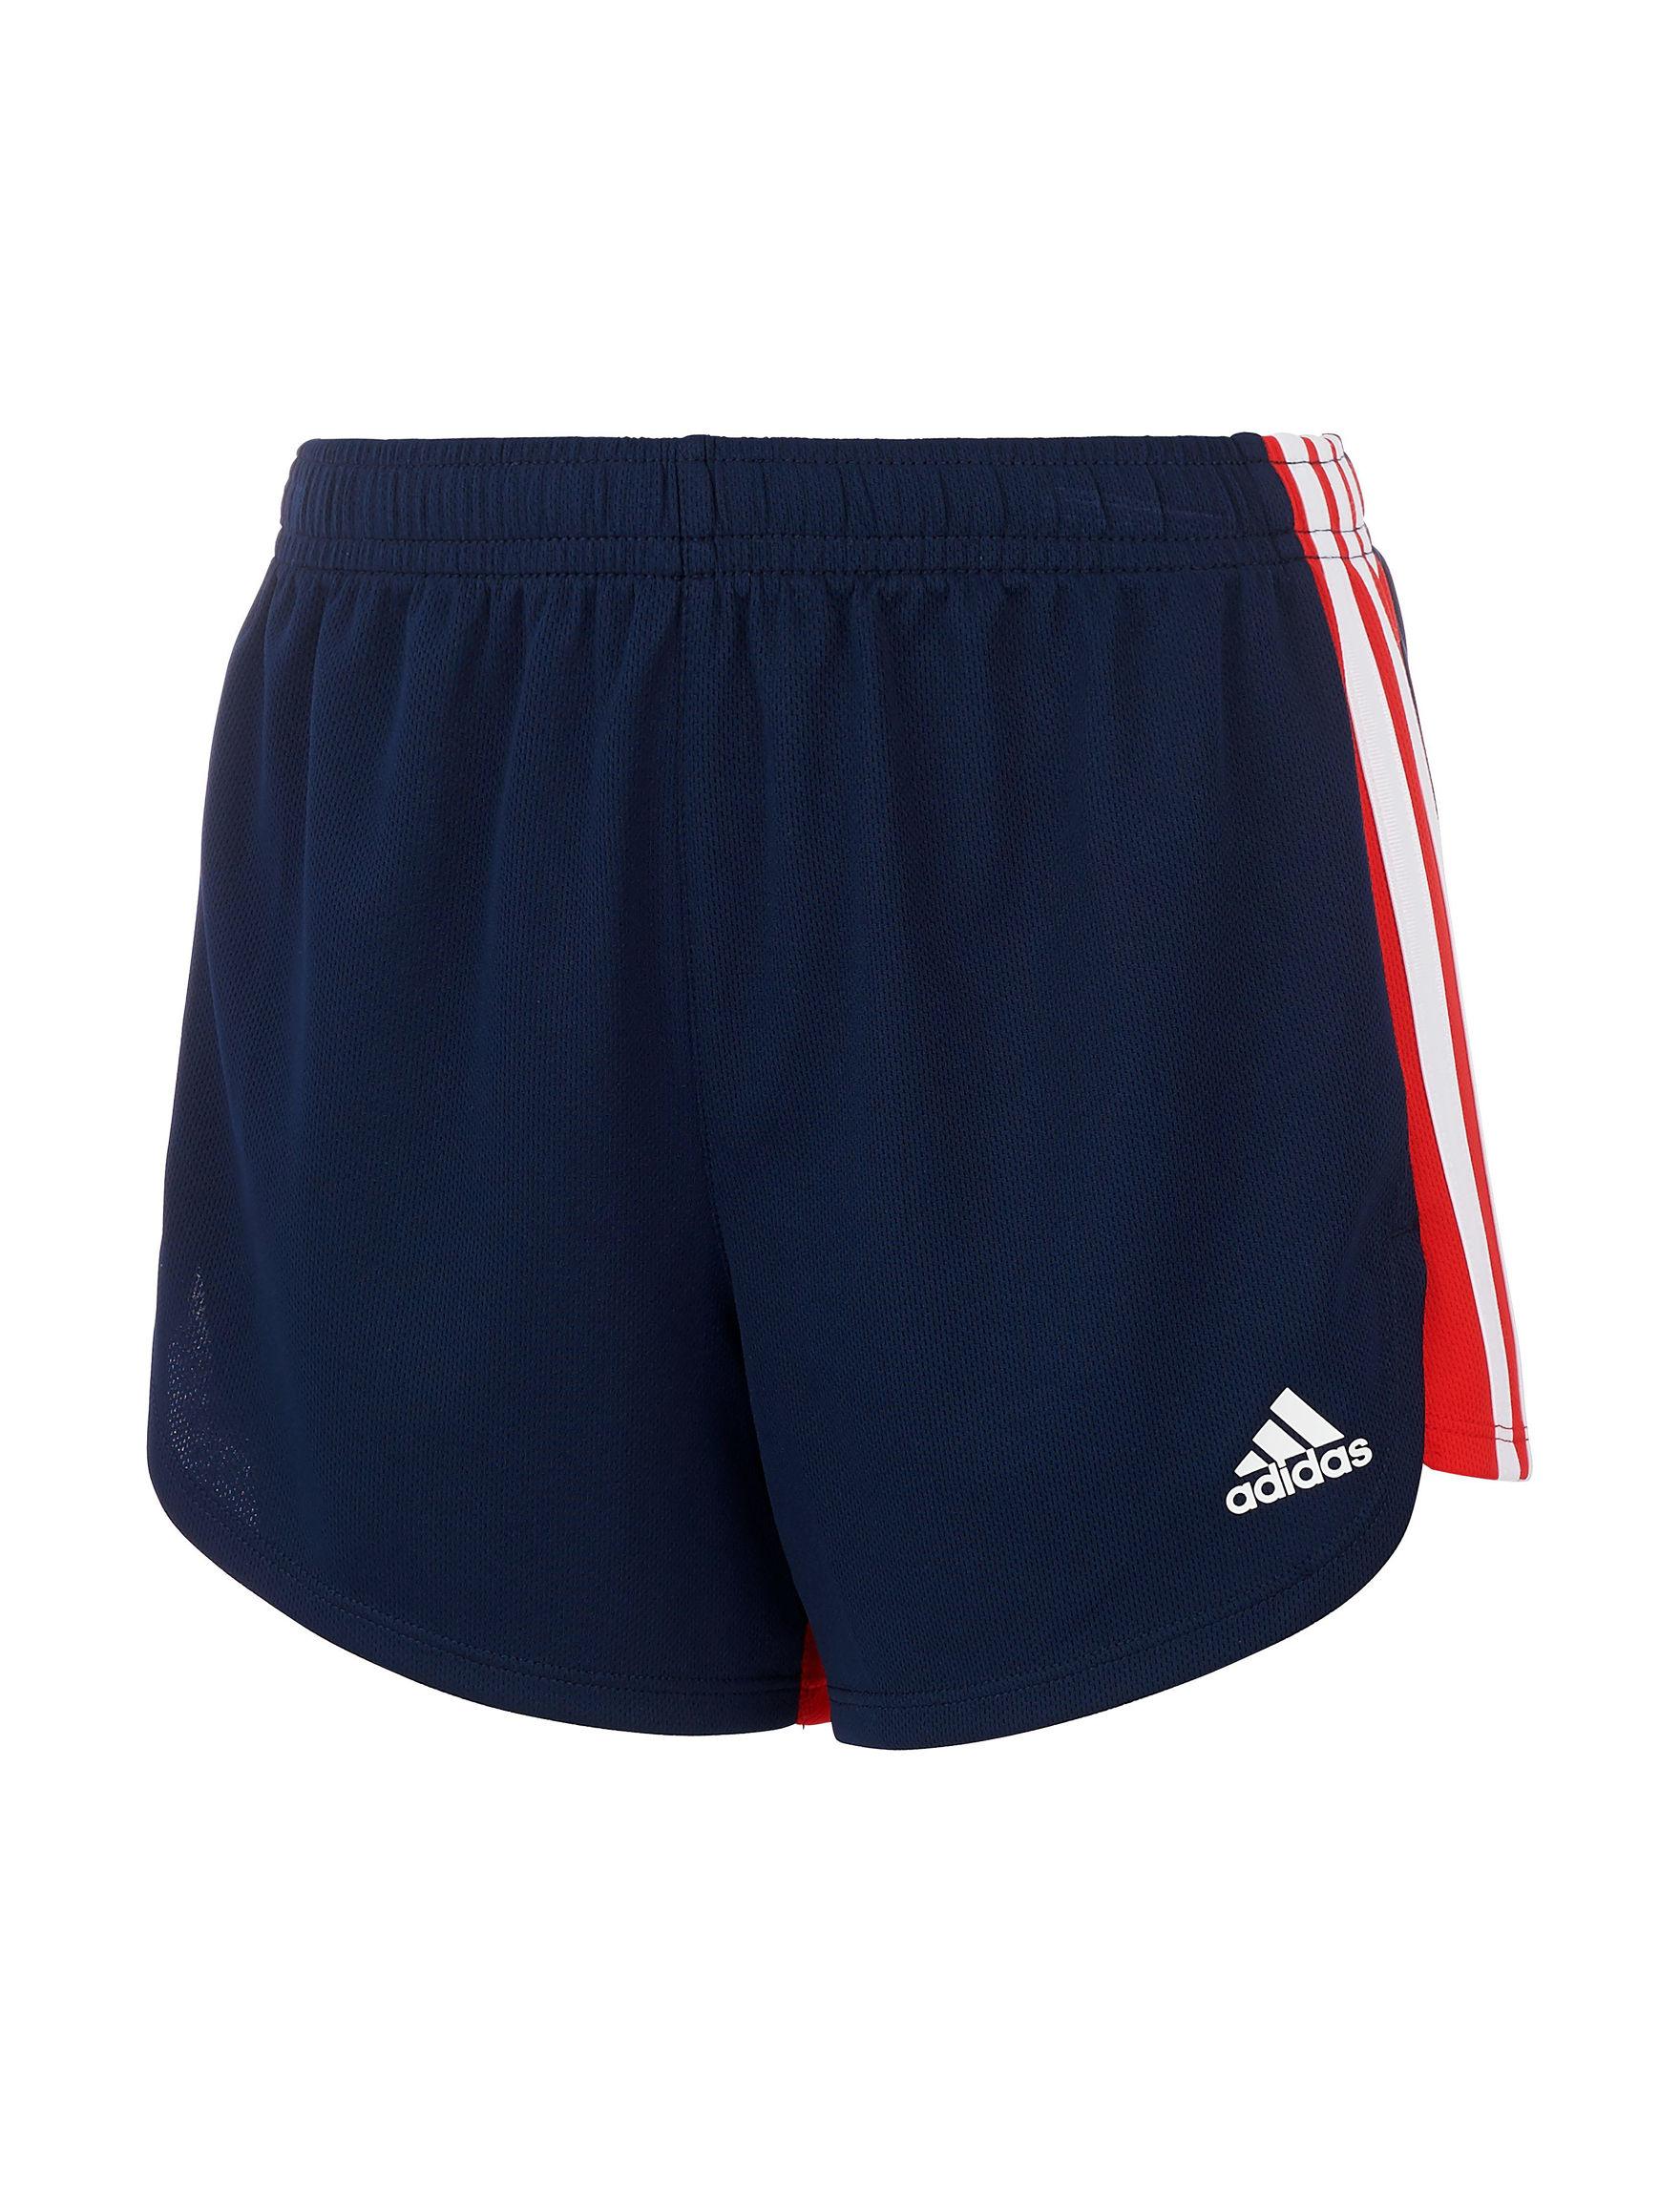 Adidas Collegiate Navy